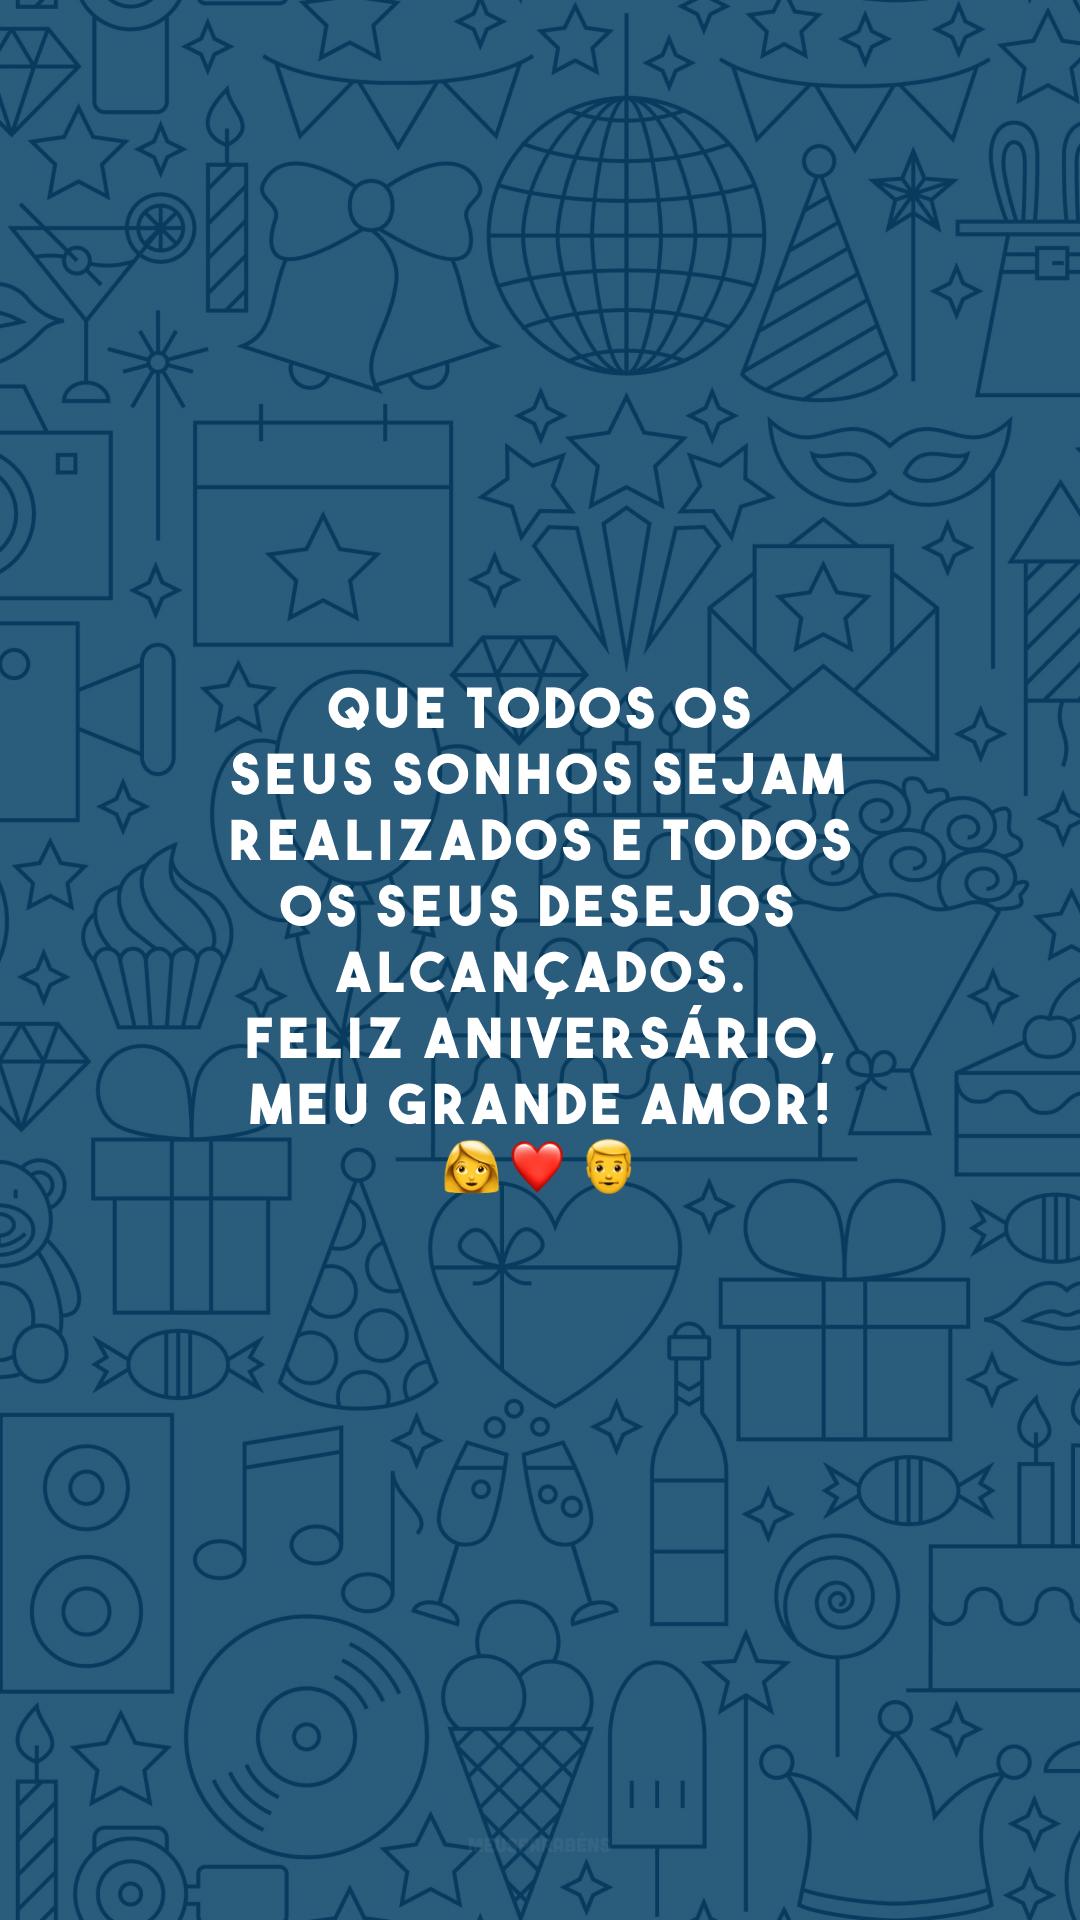 Que todos os seus sonhos sejam realizados e todos os seus desejos alcançados. Feliz aniversário, meu grande amor! 👩❤️👨